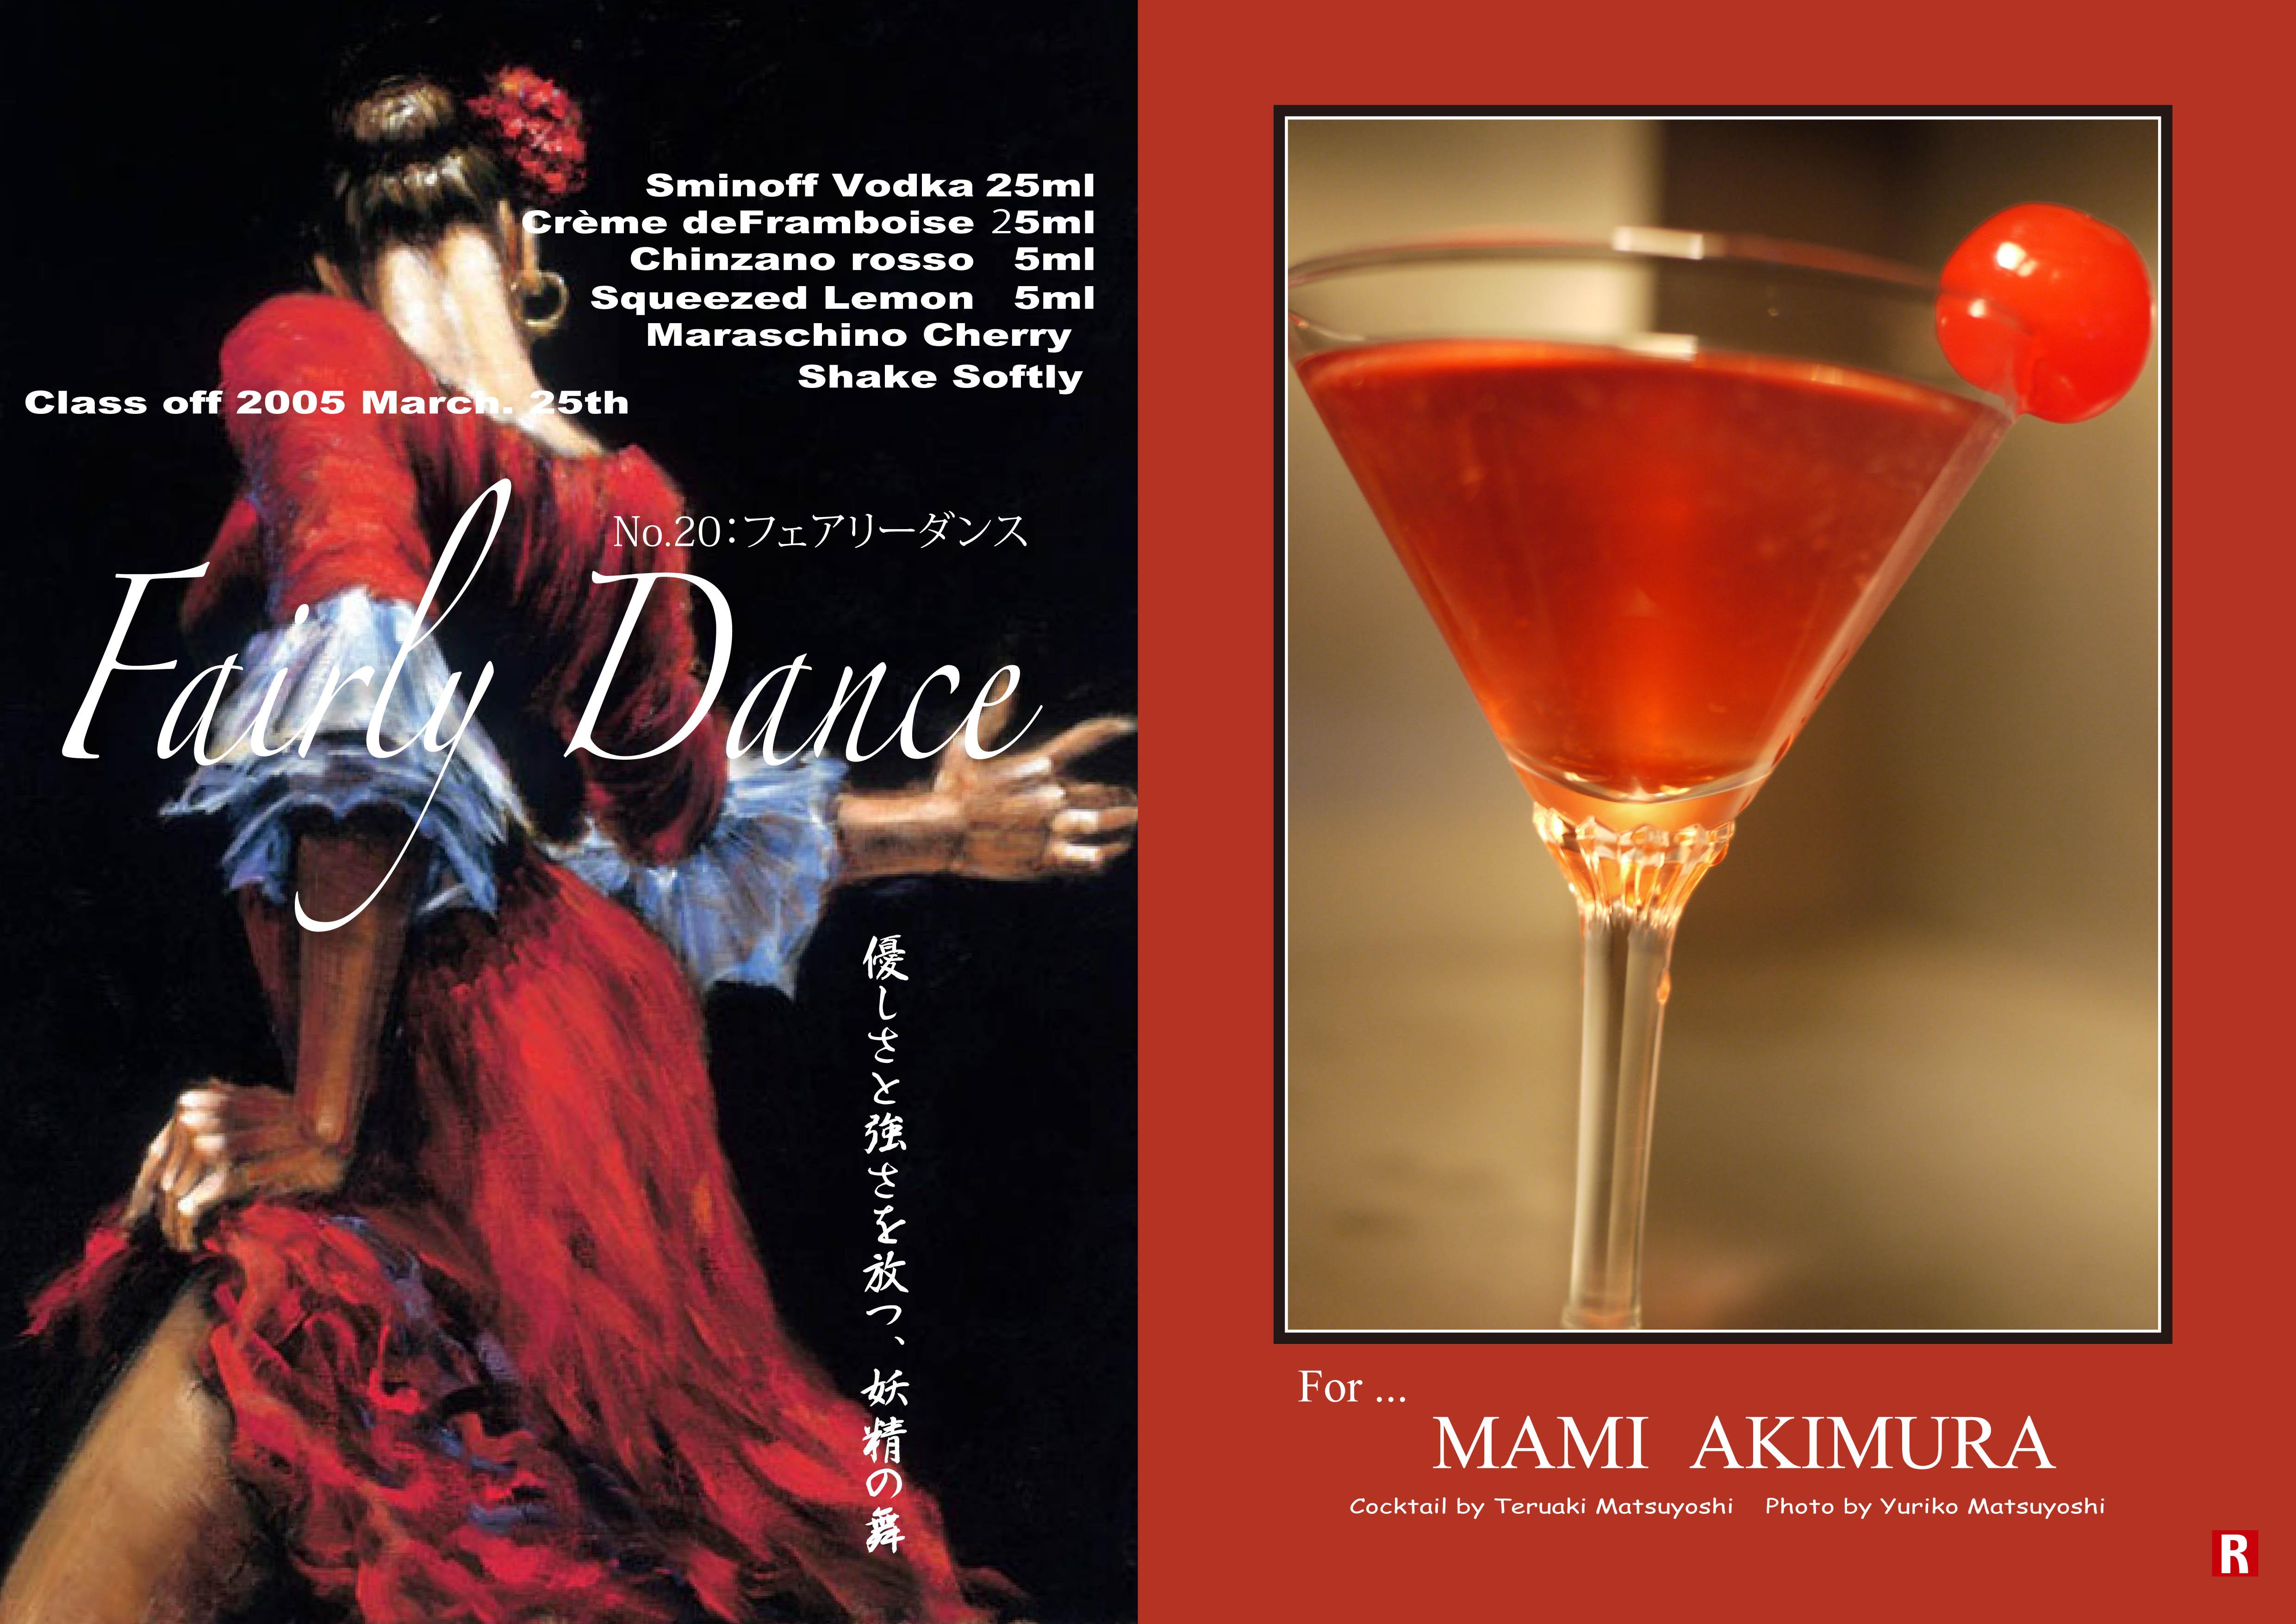 200503Mami-Akimura_Fairly-Dance